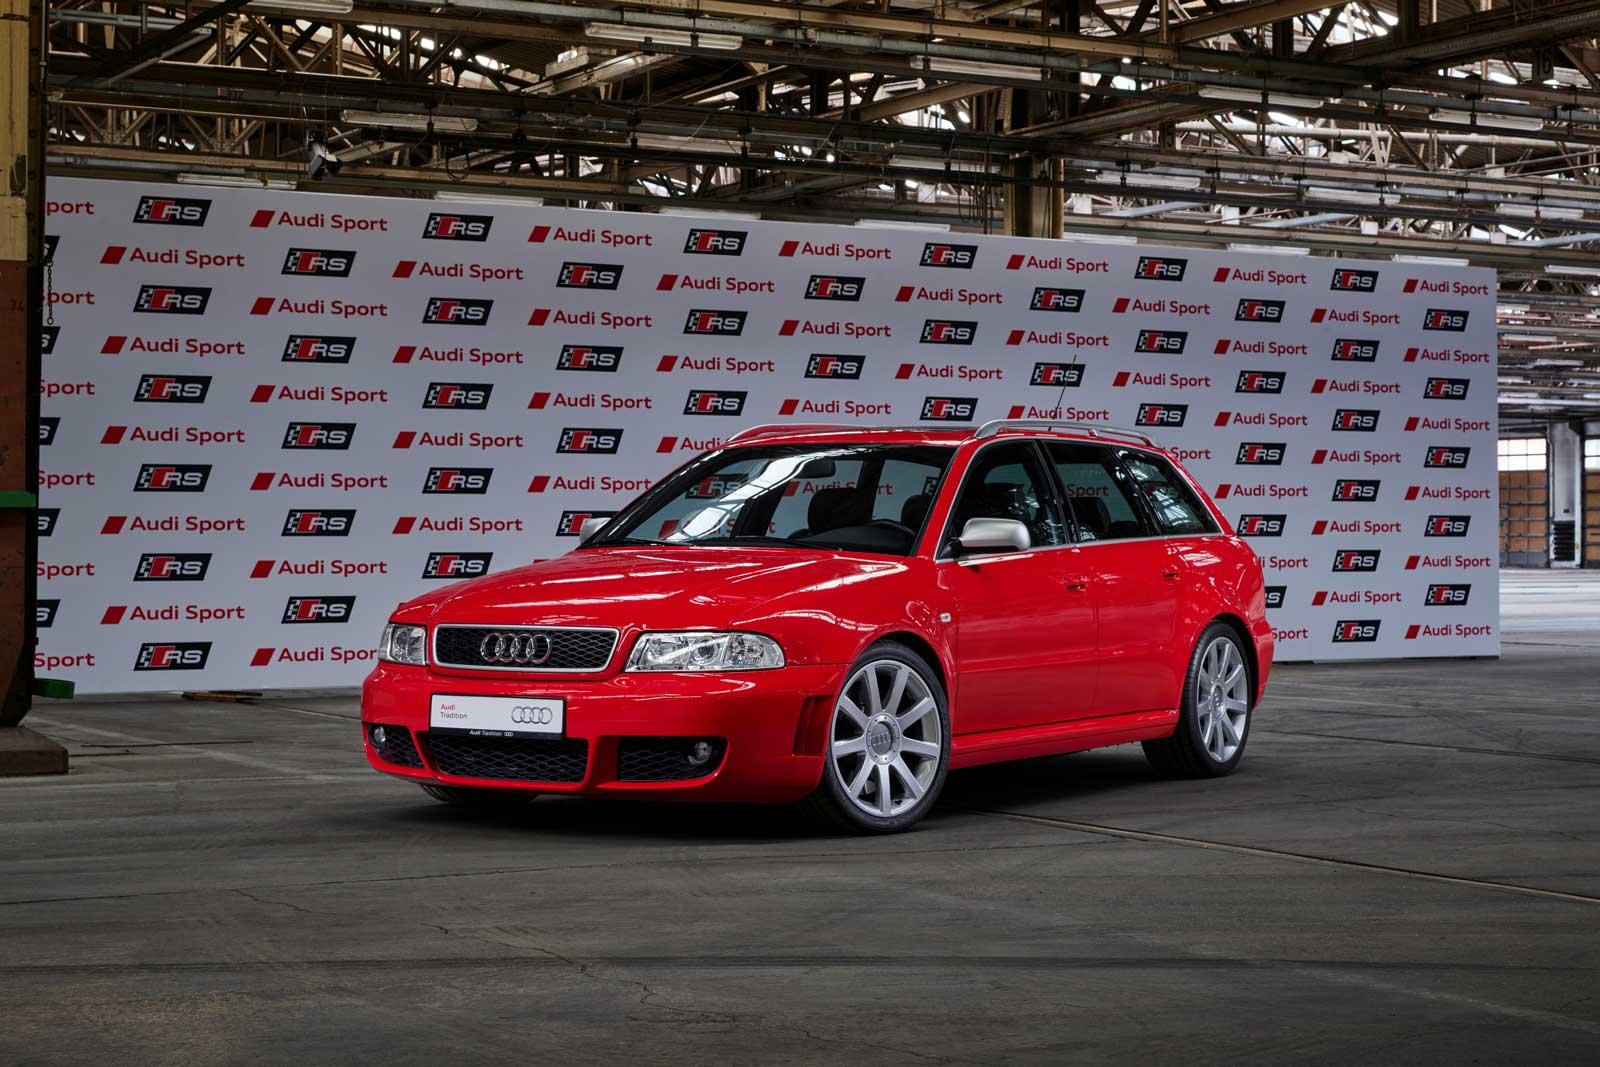 Audi-RS-4-Avant-misano-rød.